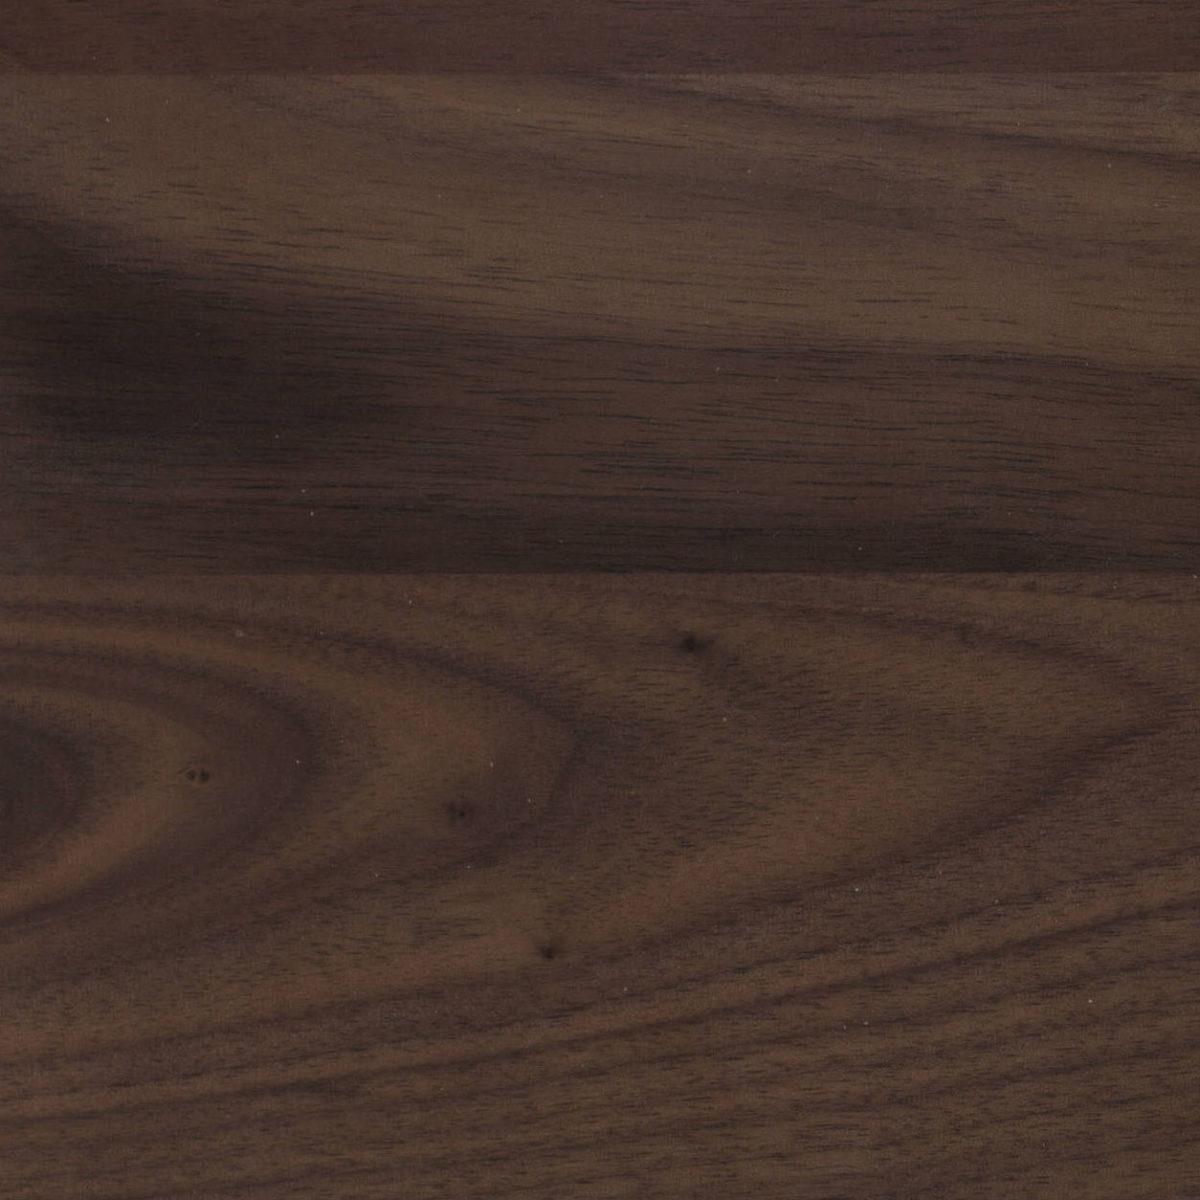 14 Walnut Wood Sample